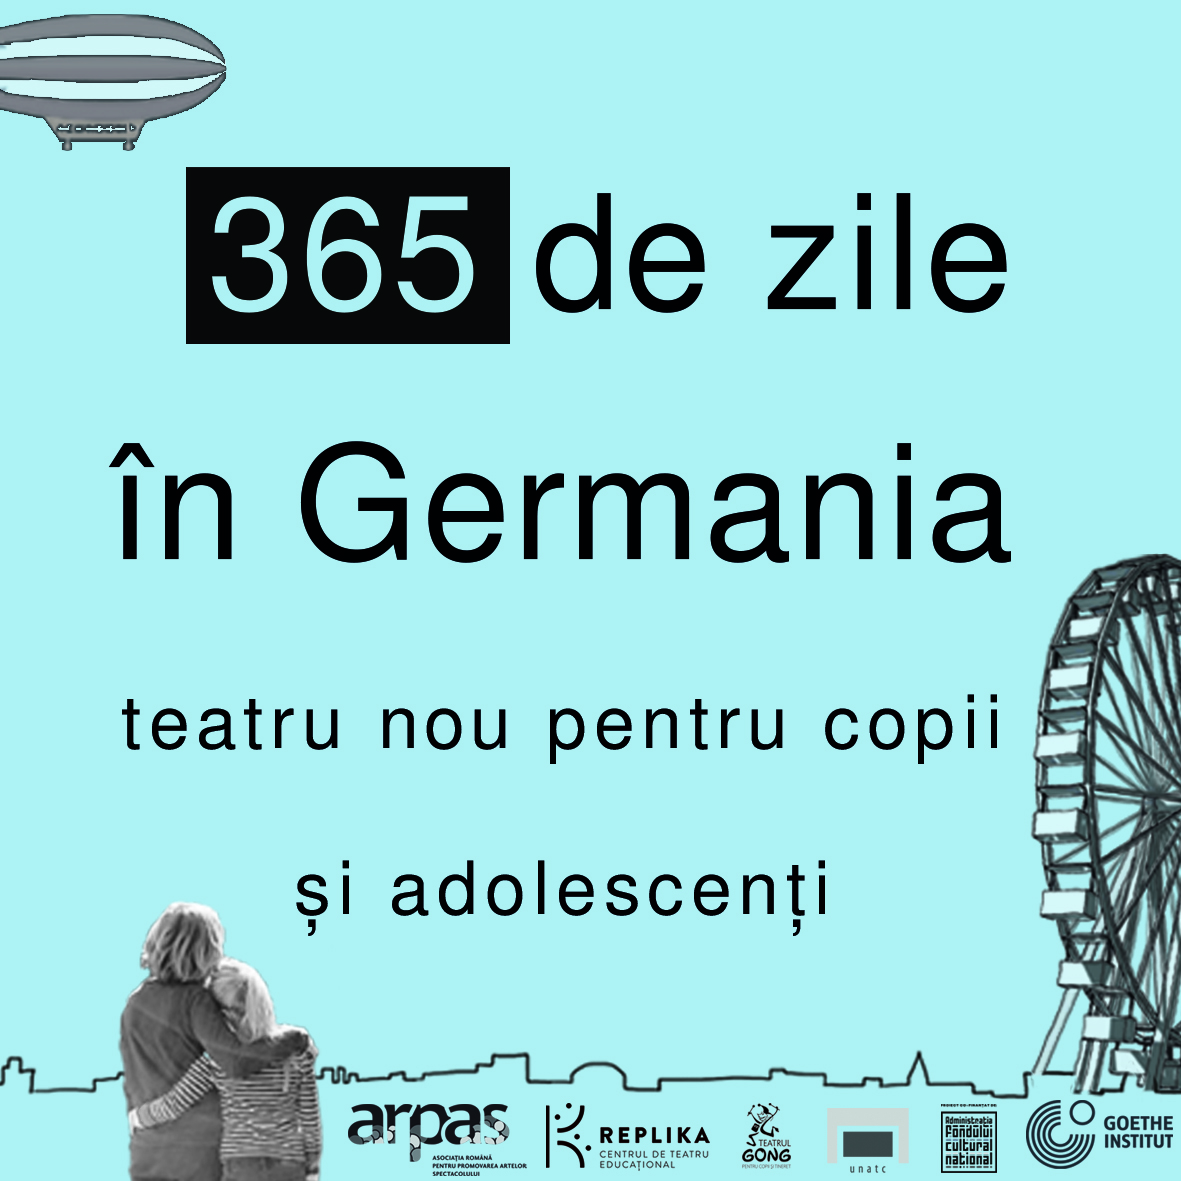 365 DE ZILE ÃŽN GERMANIA / 365 TAGE IN DEUTSCHLAND Teatru nou pentru copii È™i adolescenÈ›i